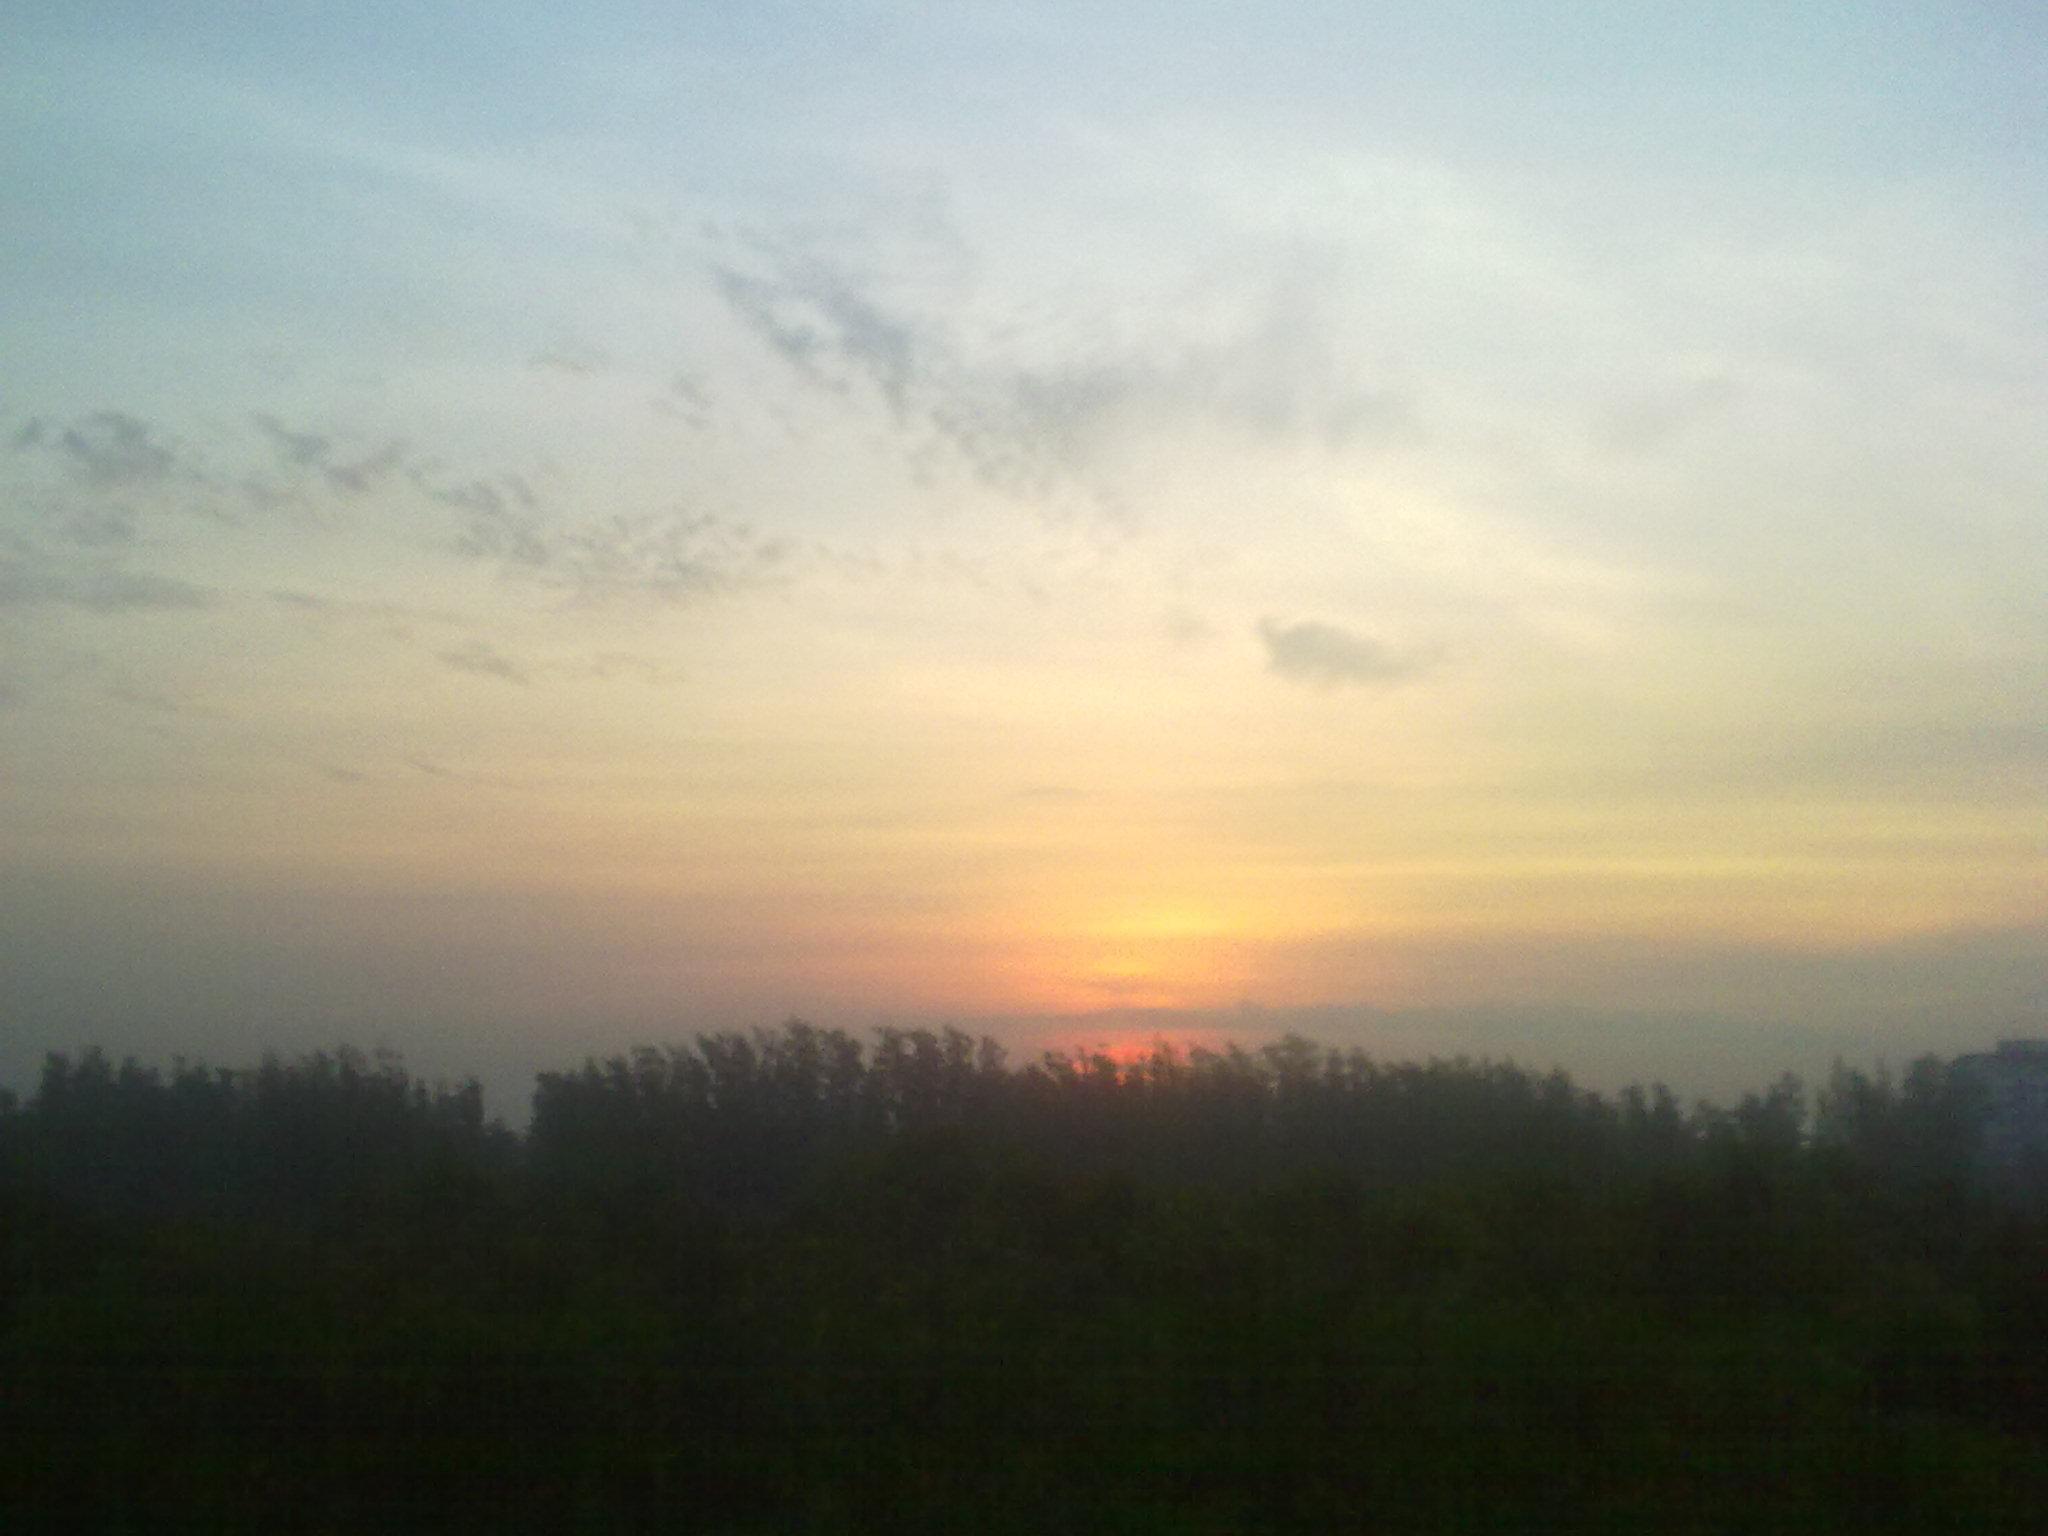 朝阳背景微信头像男